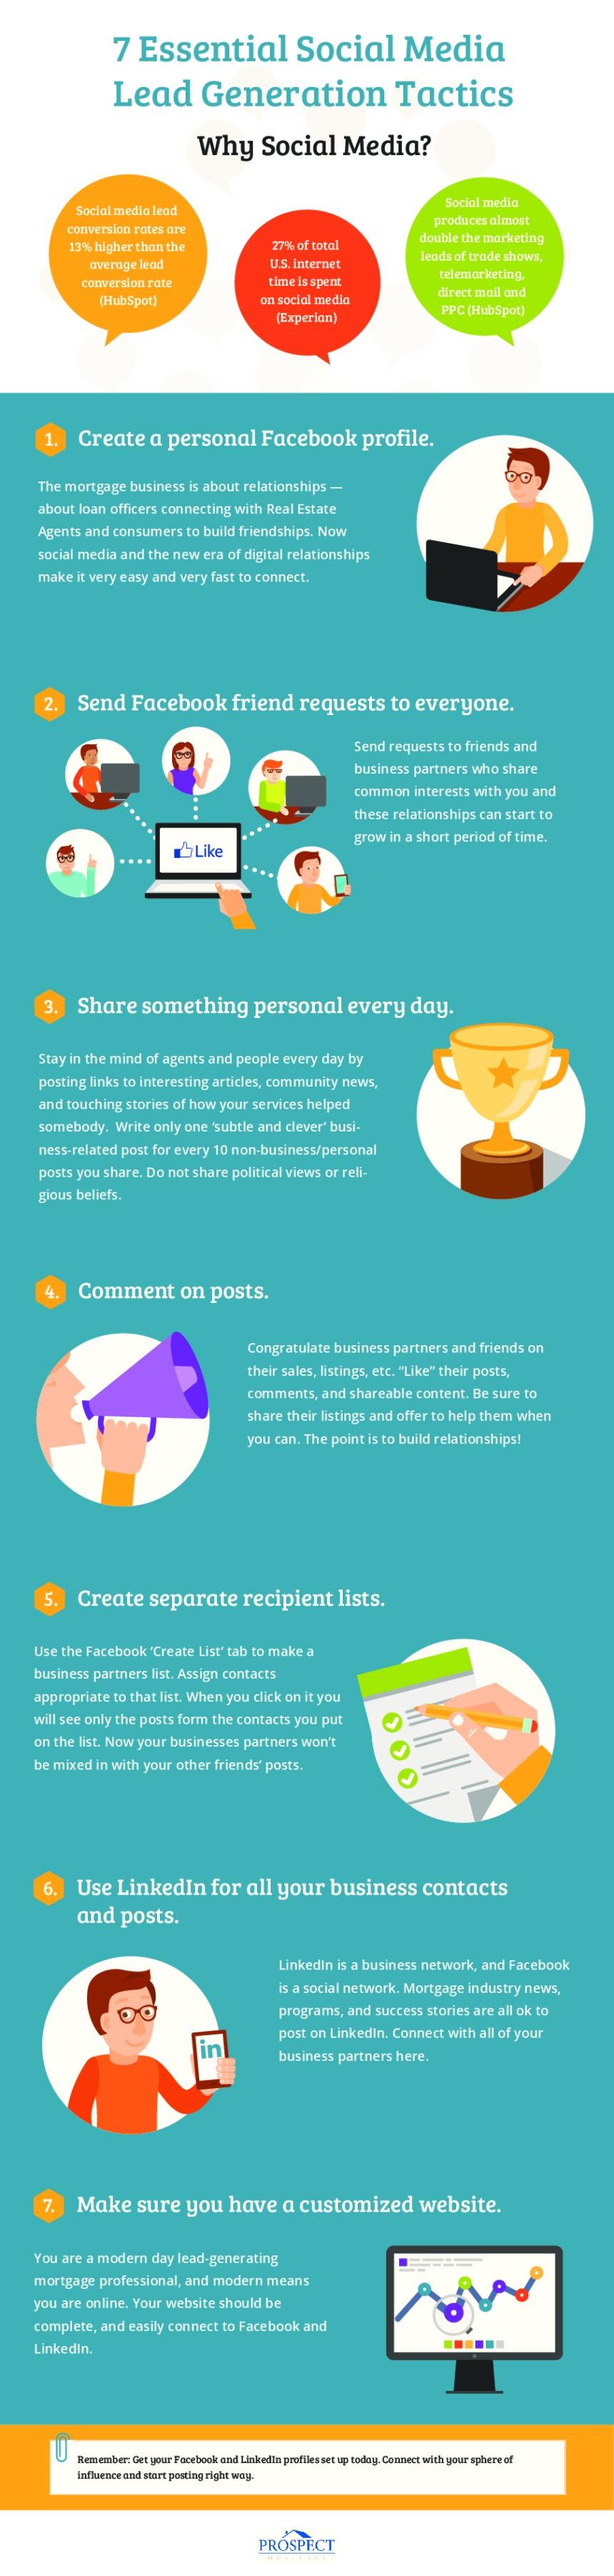 7 tácticas para generar leads con Redes Sociales